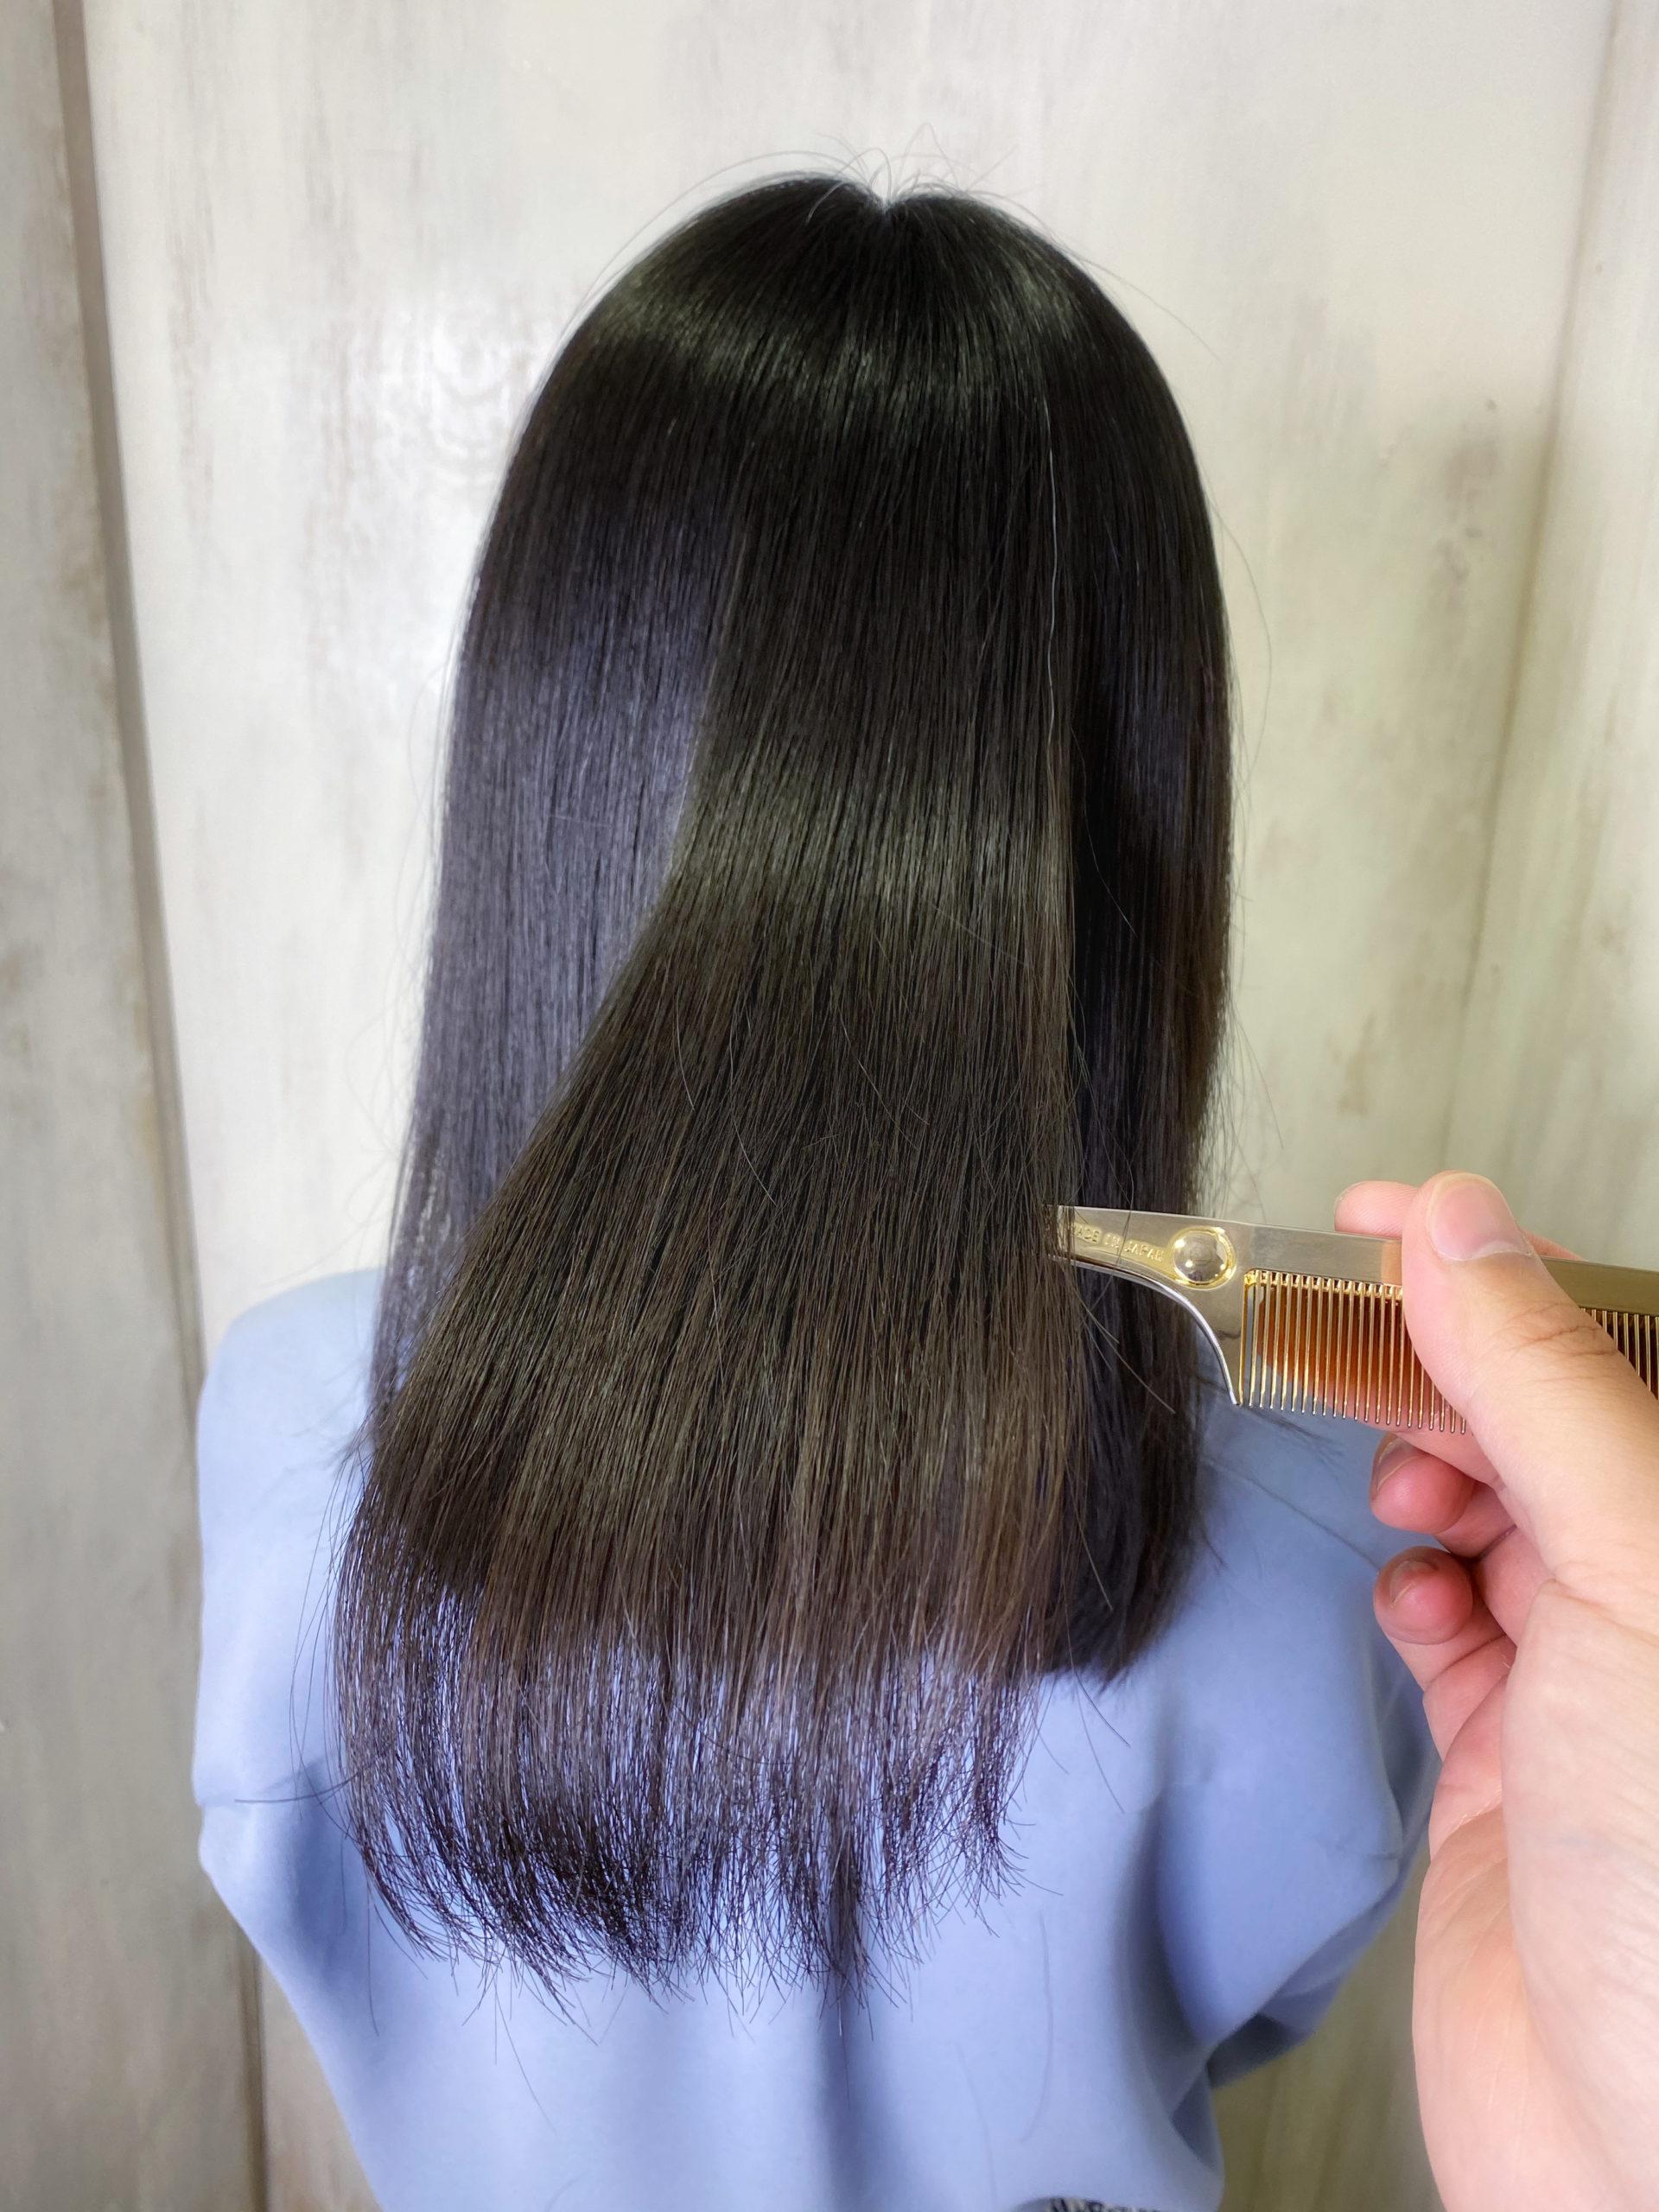 パーマで広がりが気になる方を【LULUトリートメント×縮毛矯正】でまとまる艶髪に変身。